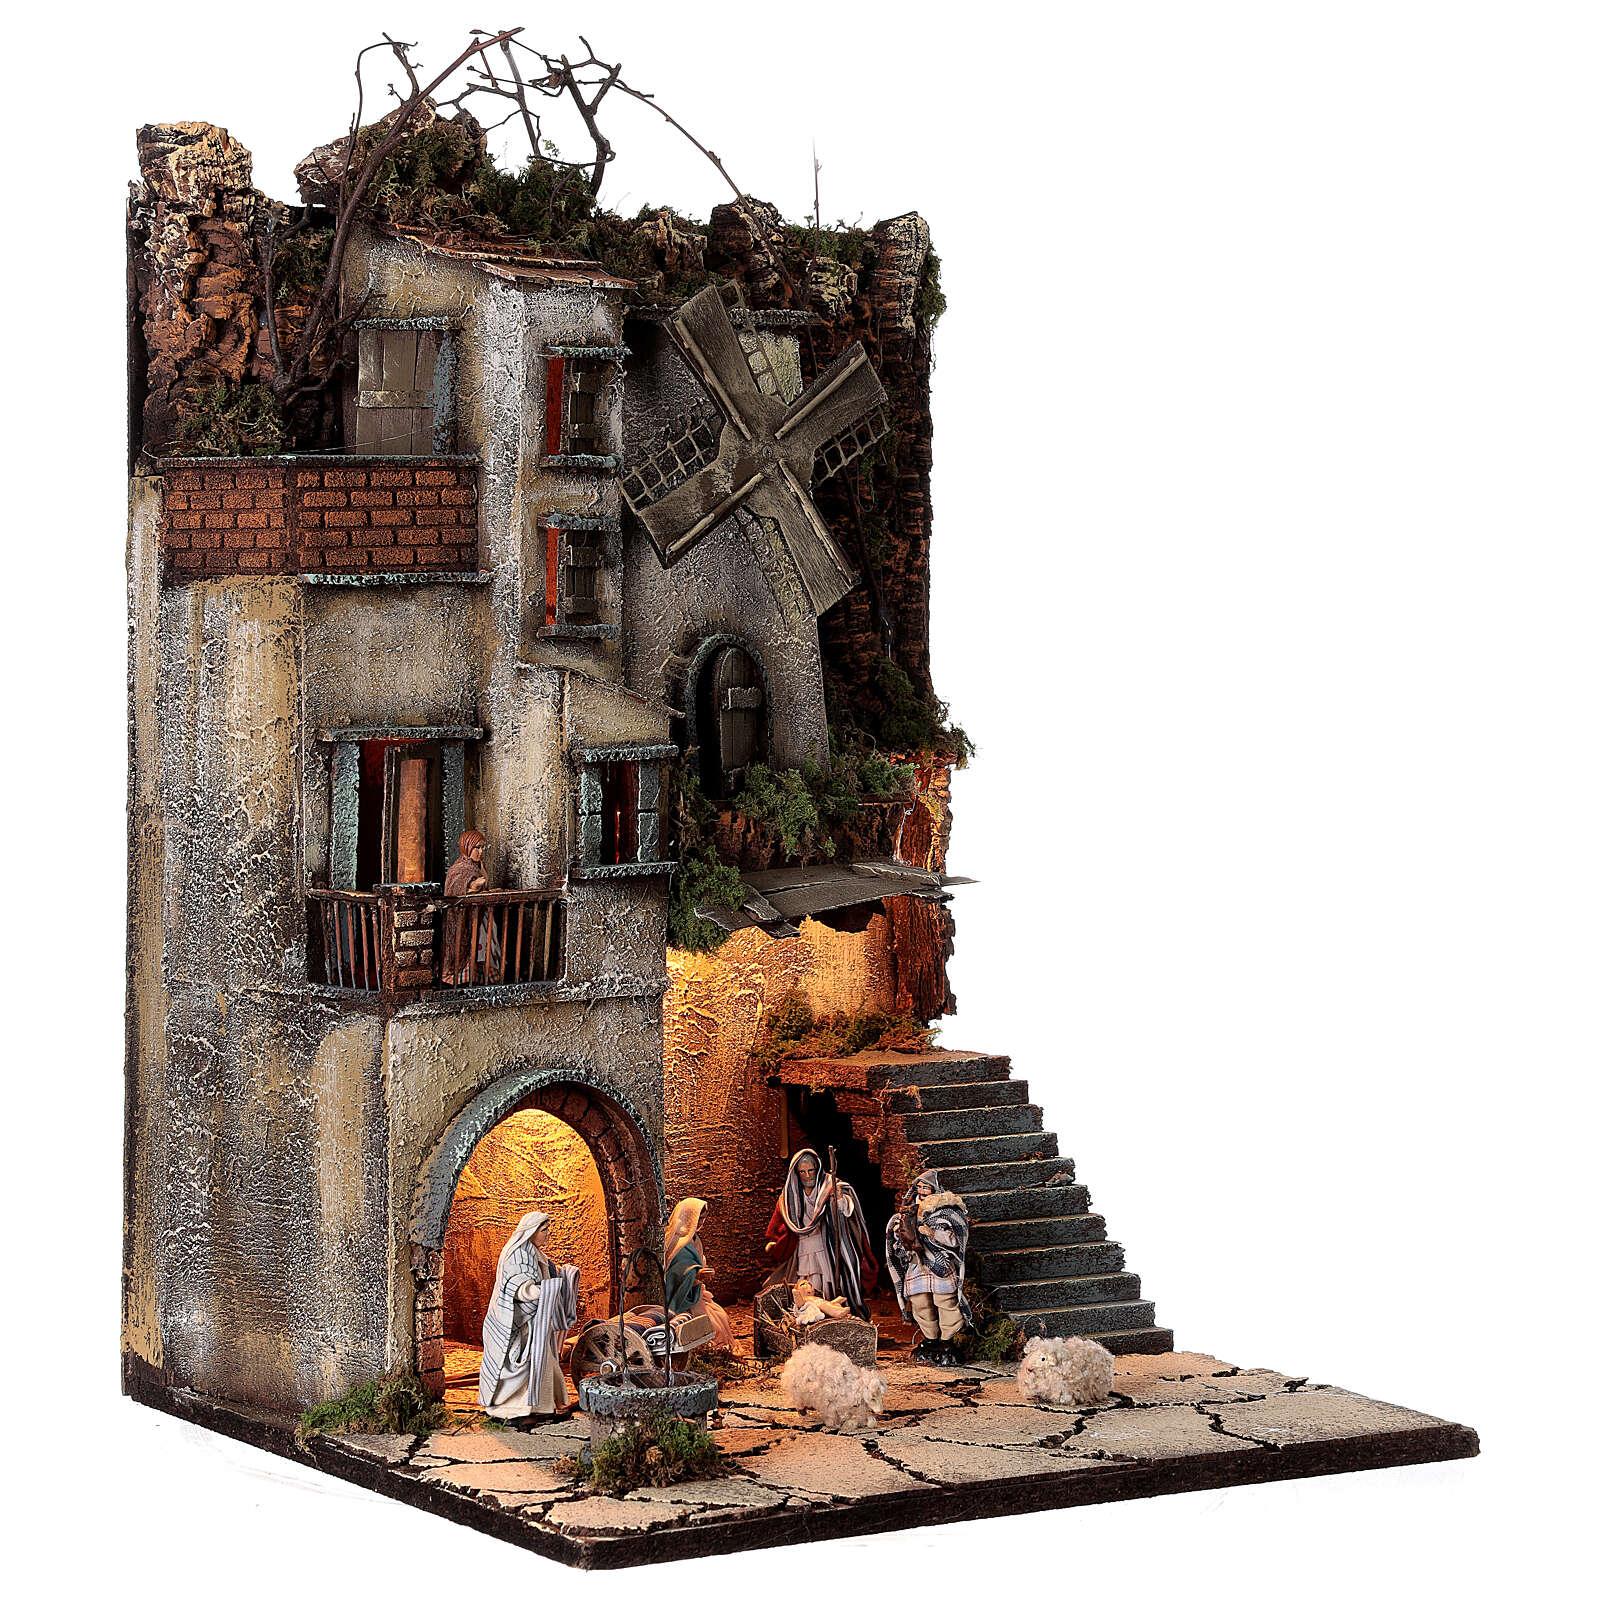 Krippenszenerie neapolitanisches Dorf mit Brunnen und Windmühle, 55x40x40 cm, Modul 5, für 8 cm Figuren 4